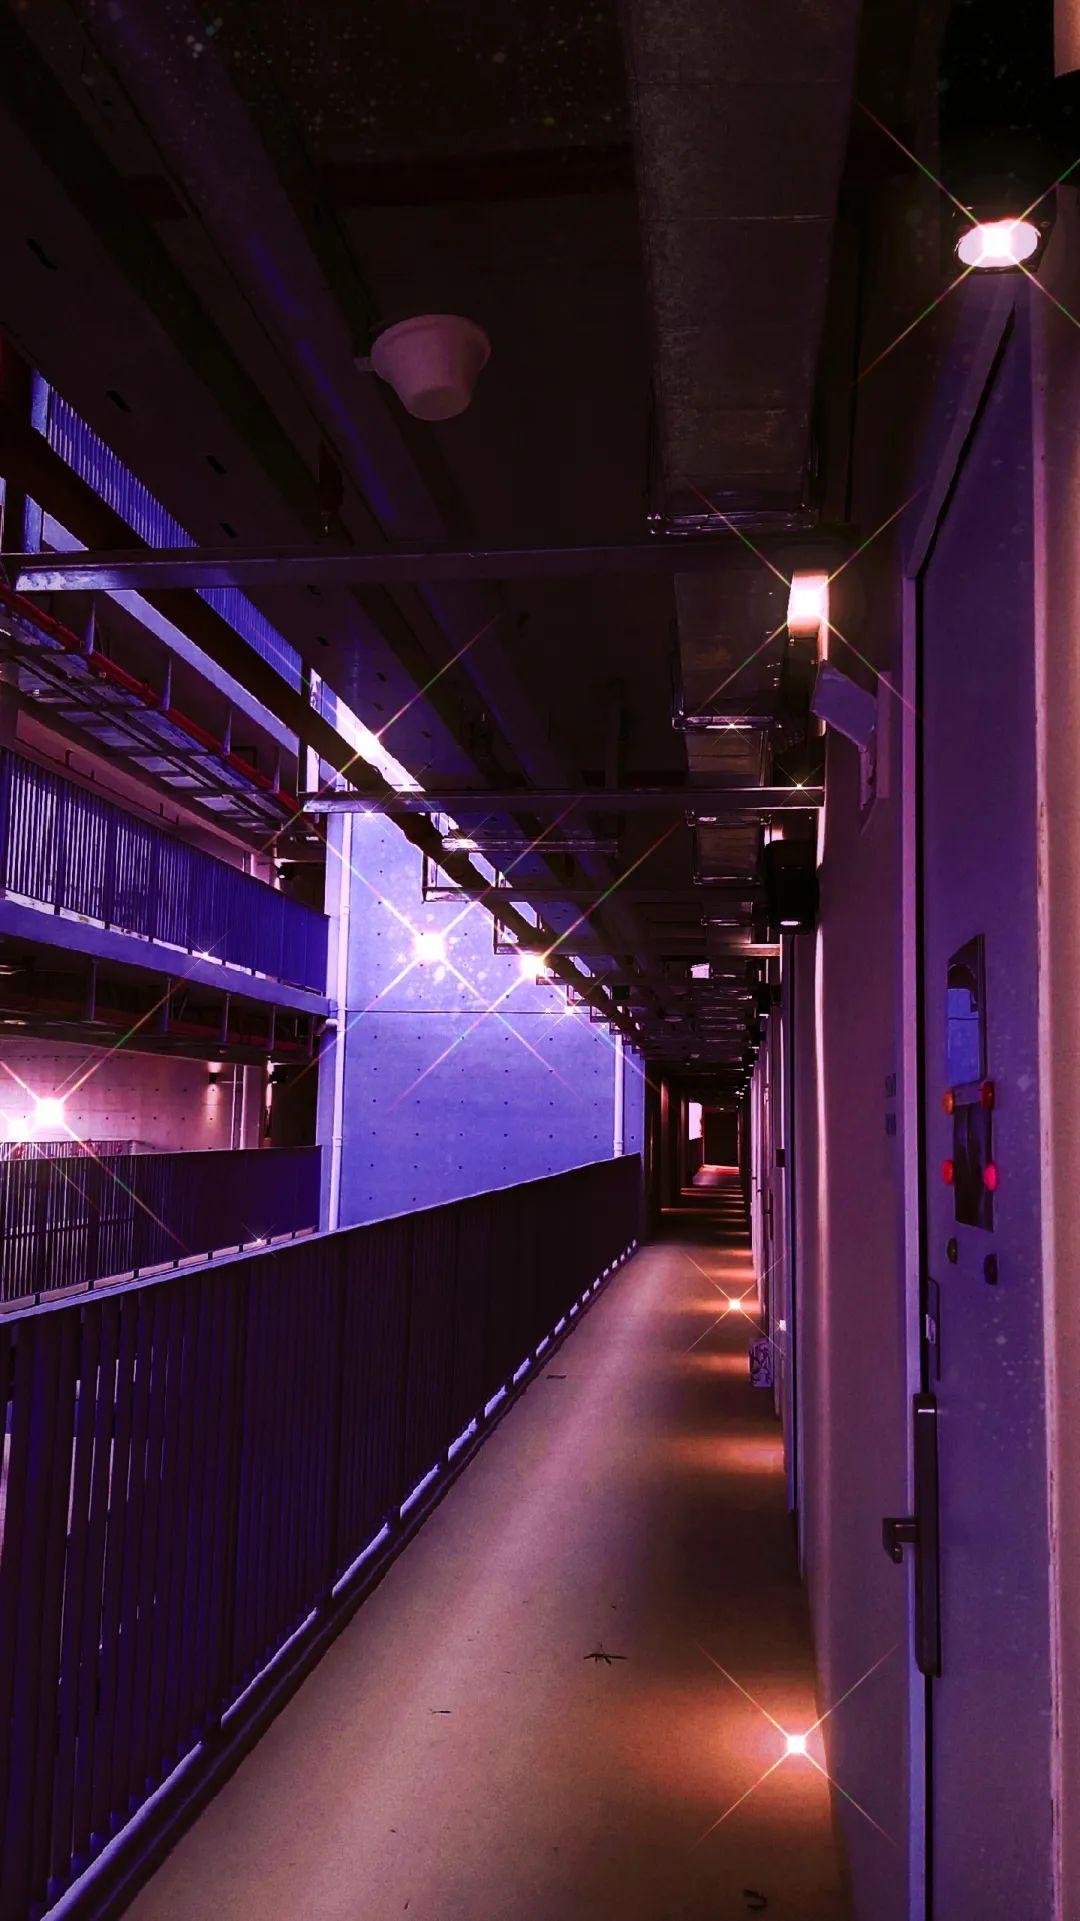 深国交安托山新校园摄影大赛 -- 发现新校园的美(多图)  深国交 深圳国际交流学院 学在国交 第83张